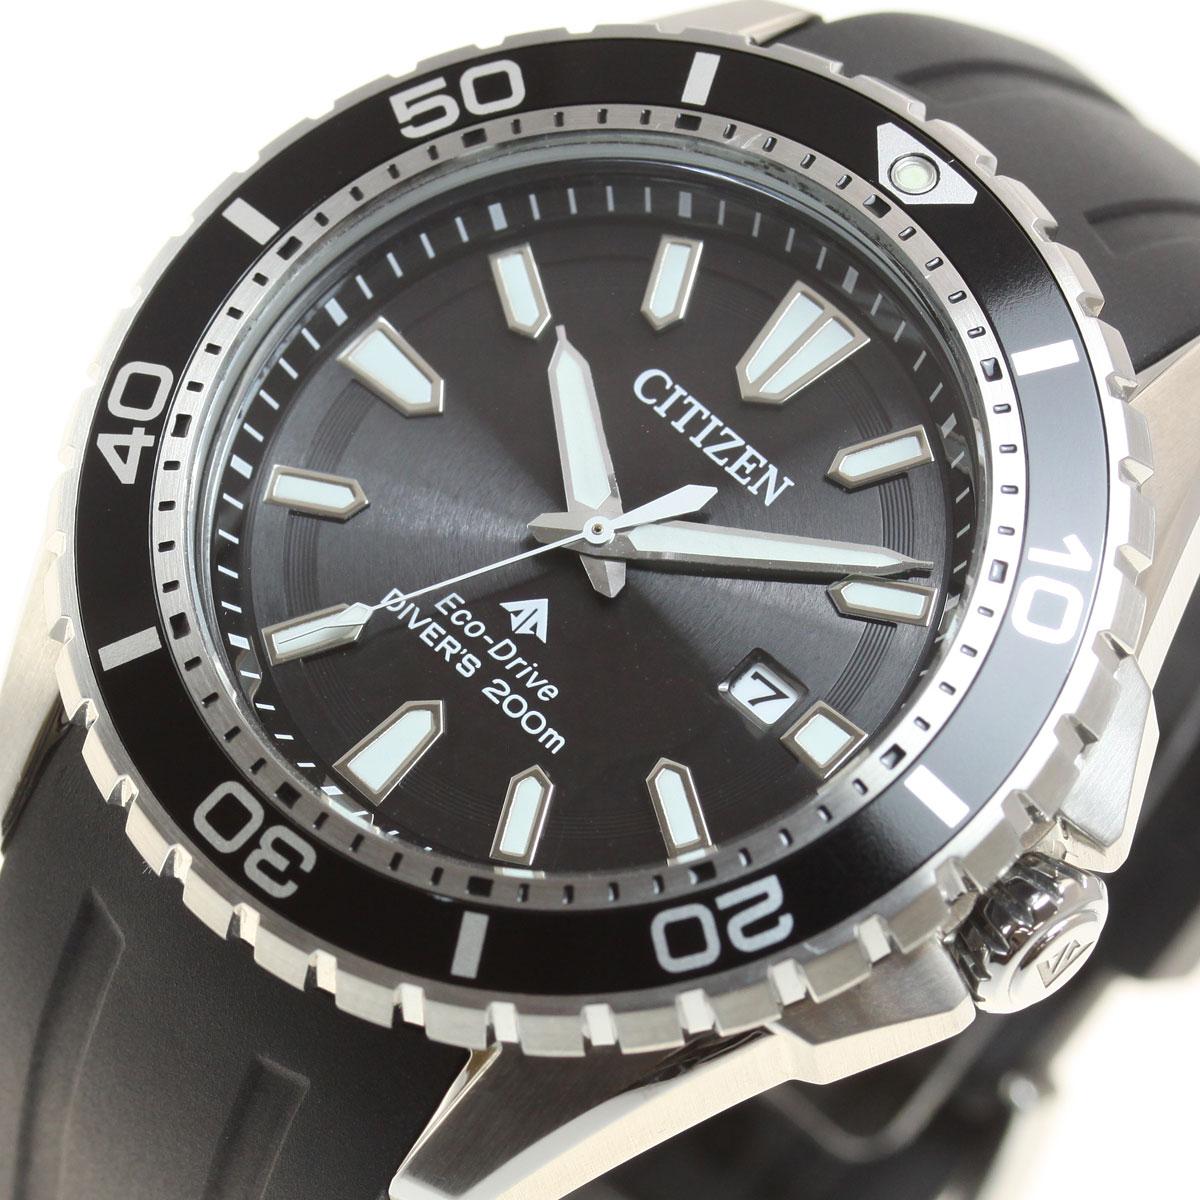 シチズン プロマスター CITIZEN PROMASTER エコドライブ 200m ダイバー 腕時計 メンズ MARINE ダイバーズウォッチ BN0190-15E